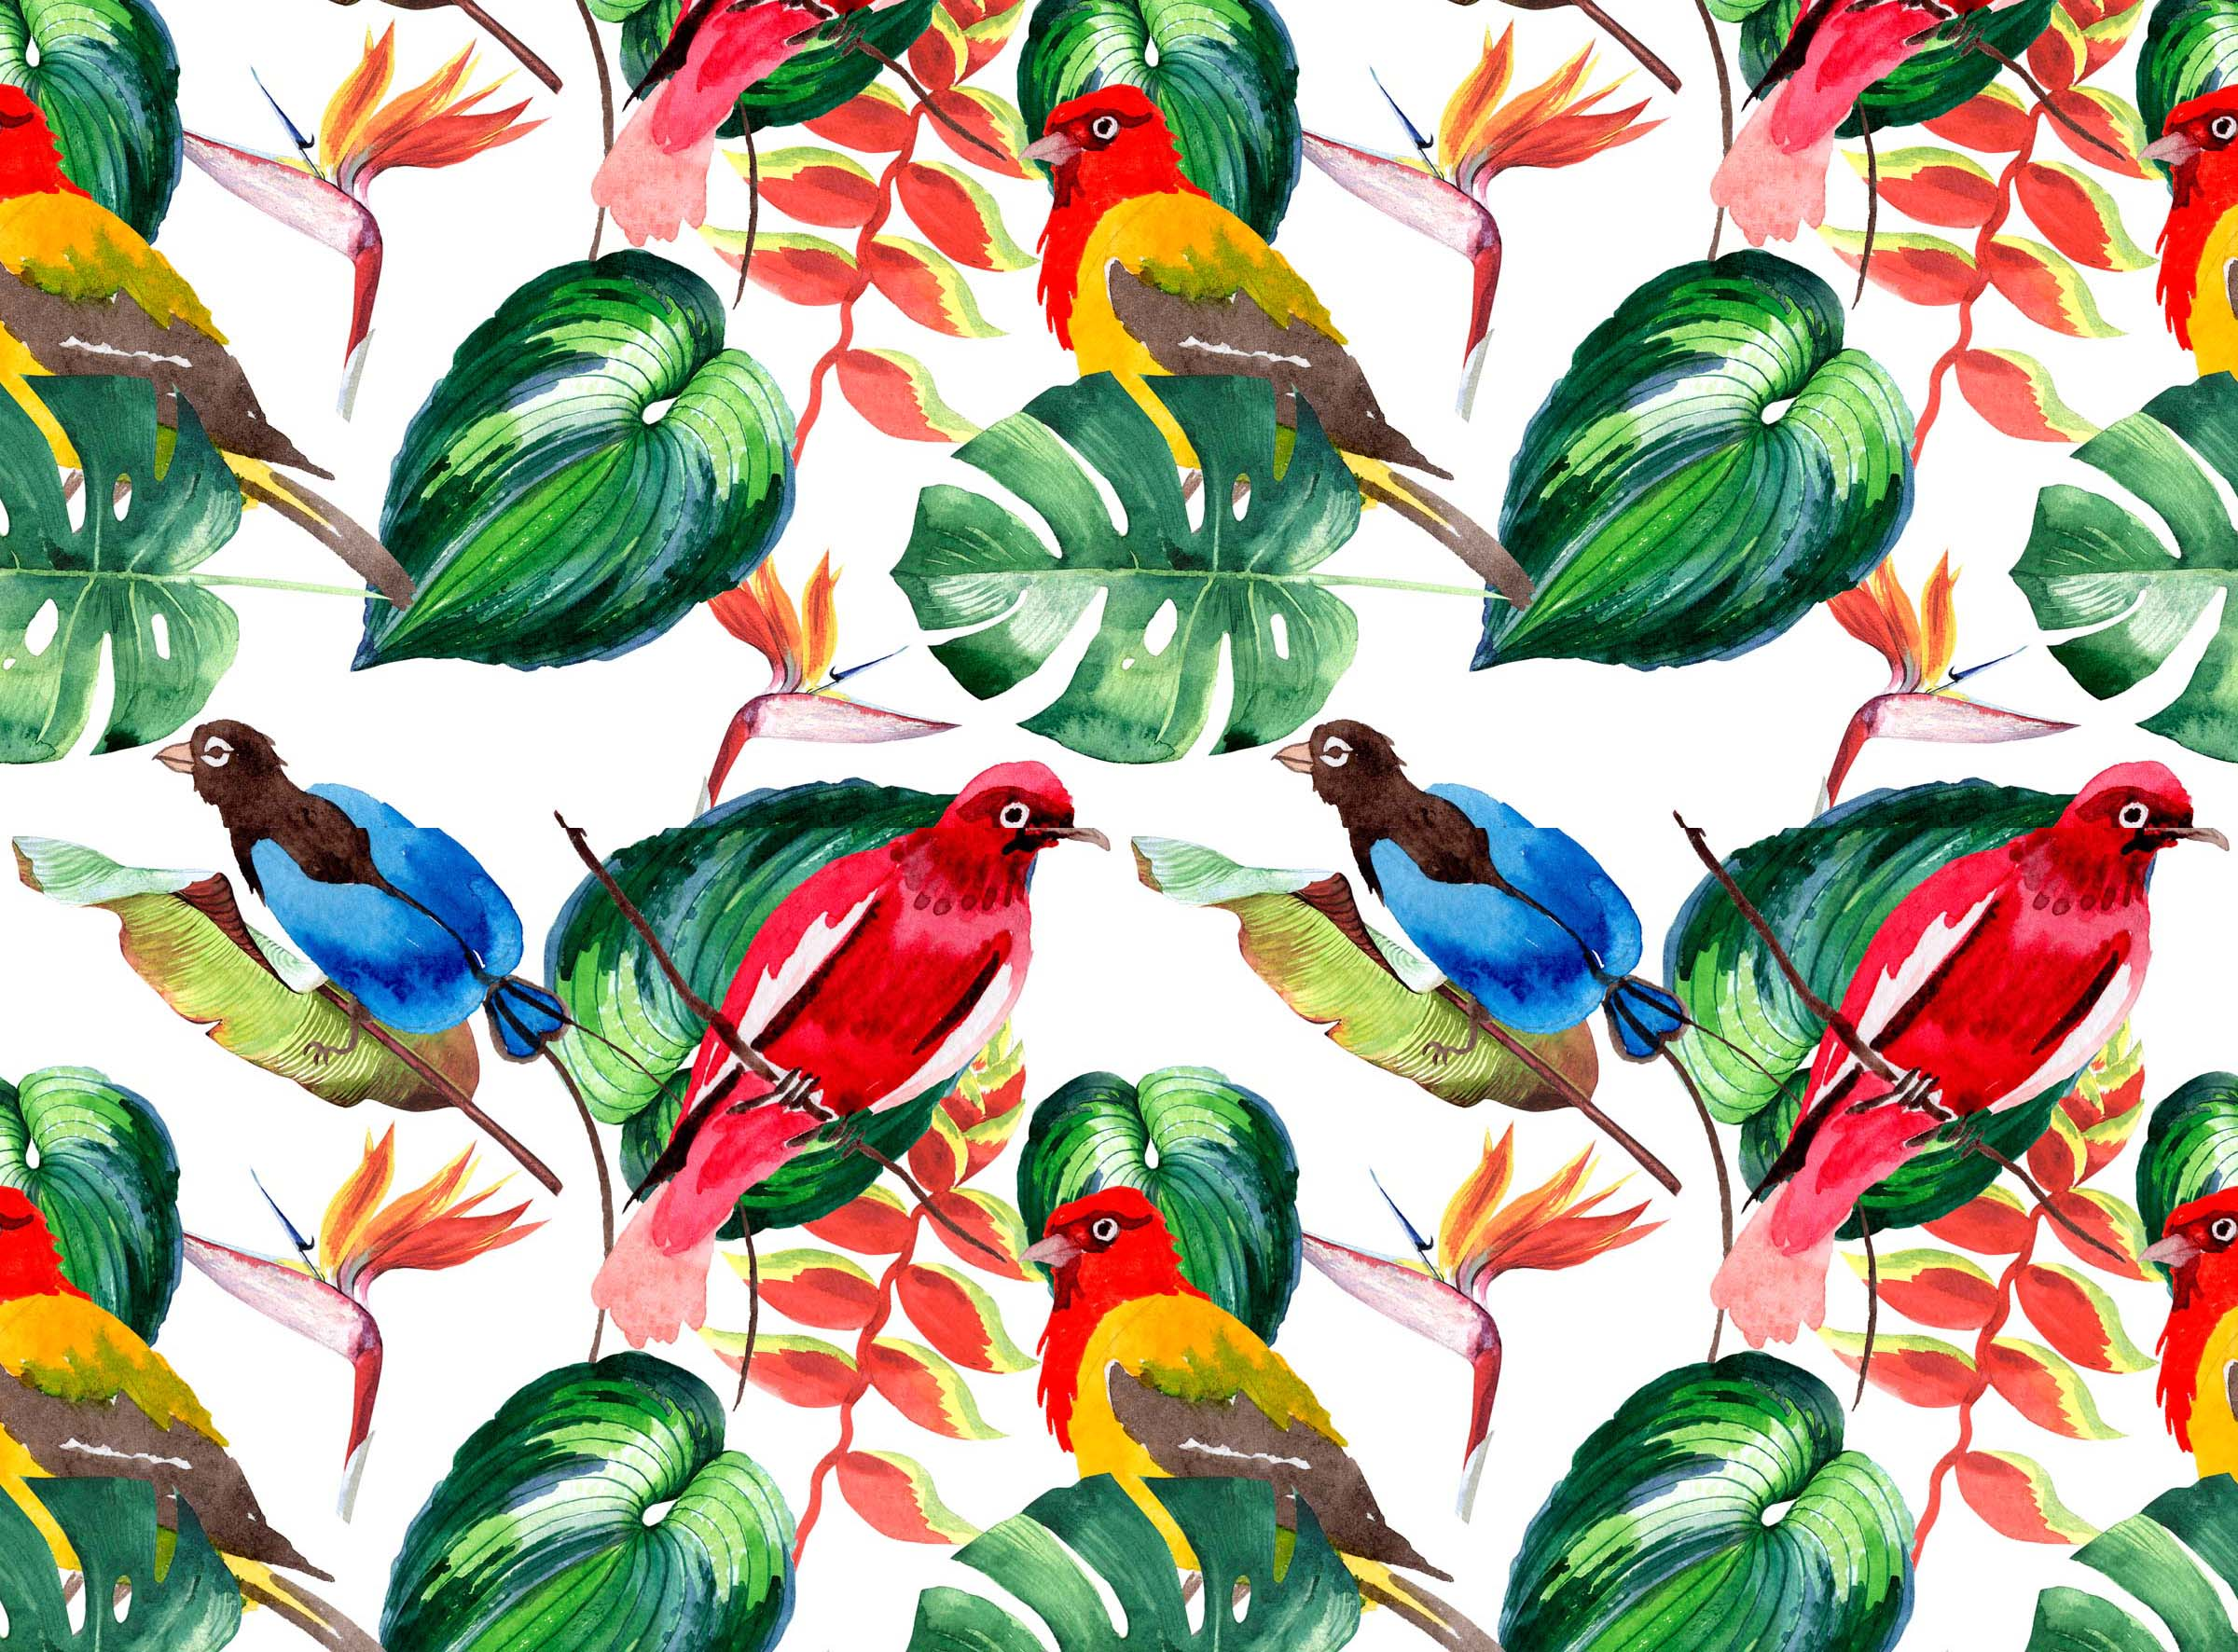 Тропические попугаи на листьях